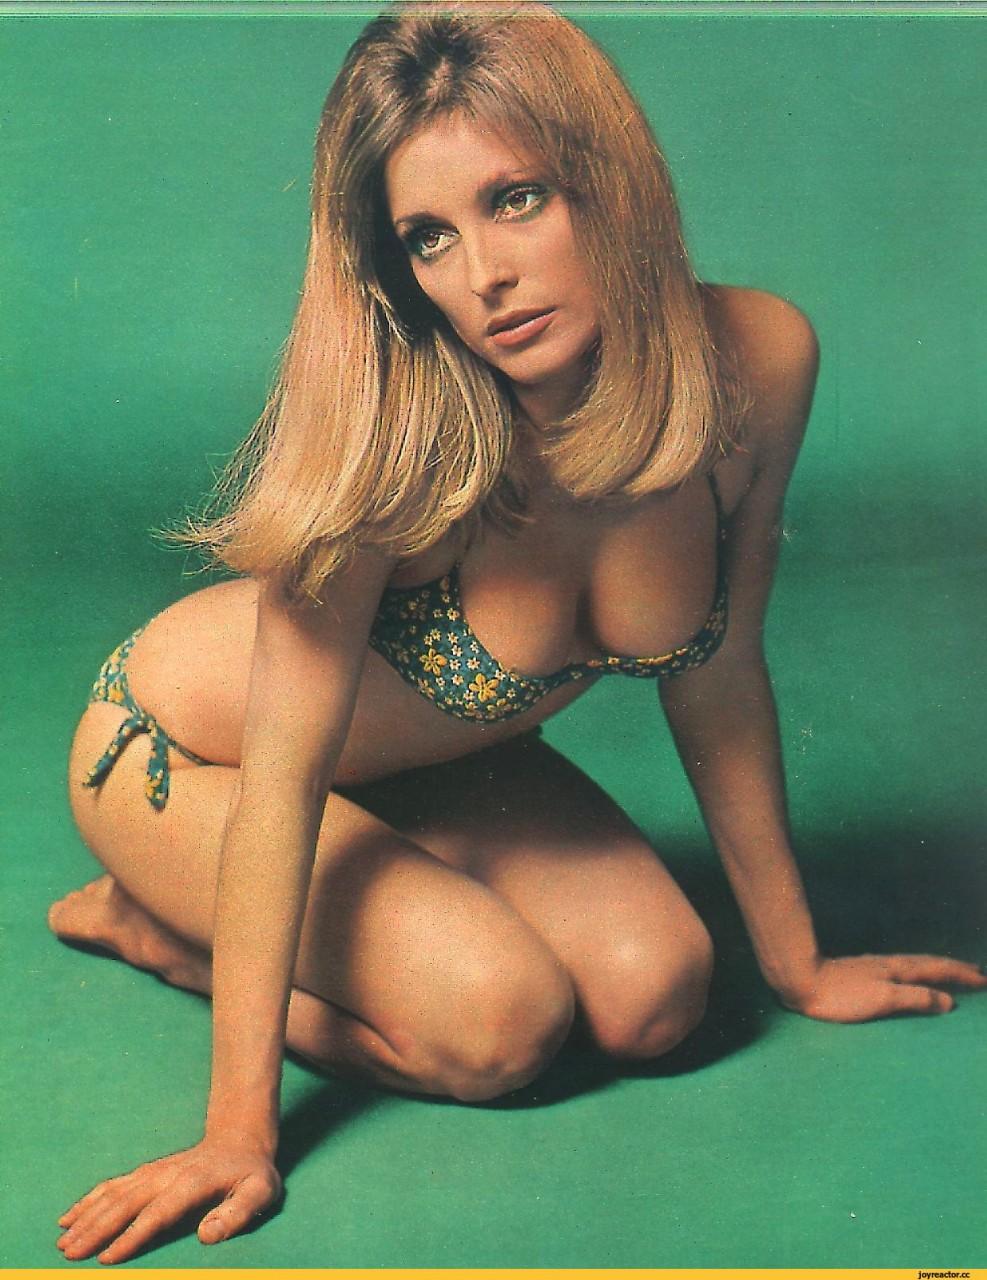 Шэрон Тейт. Она мечтала стать кинозвездой, но в 26 лет была замучена бандой сатанистов